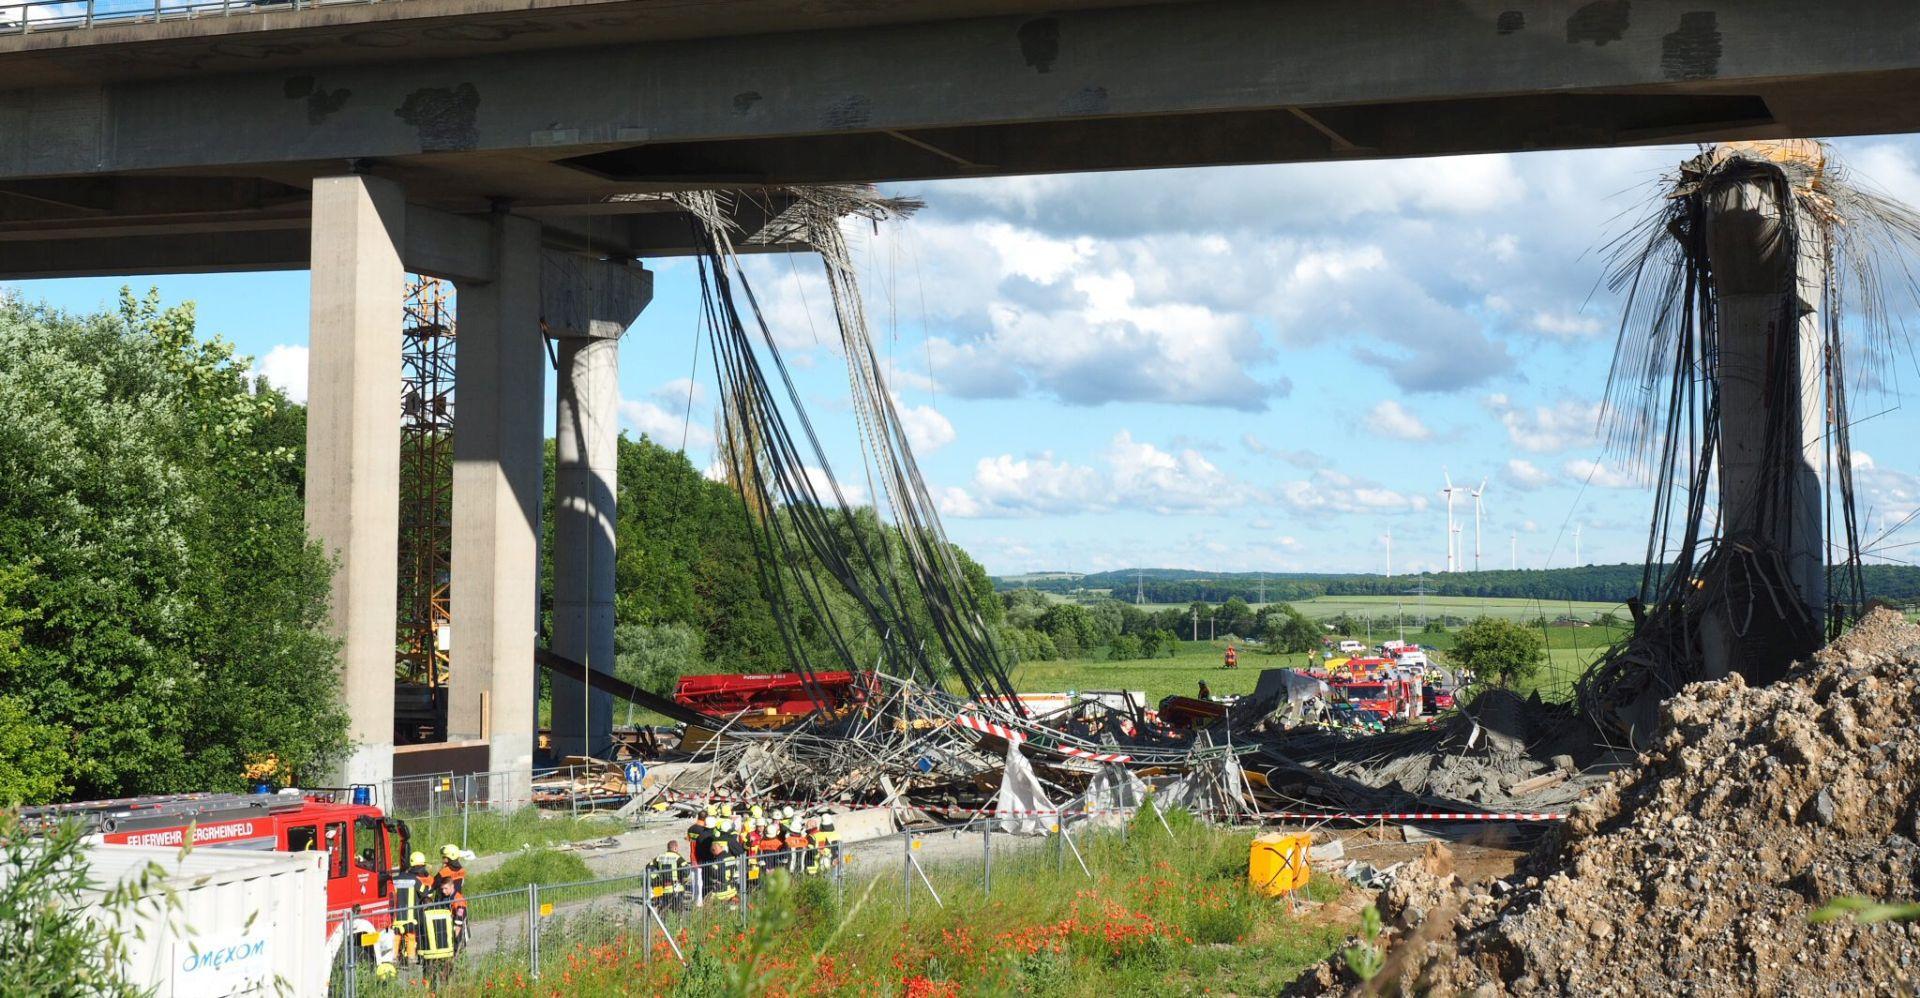 NESREĆA U BAVARSKOJ U urušavanju skele mosta poginula jedna osoba, još šest teško ozlijeđenih